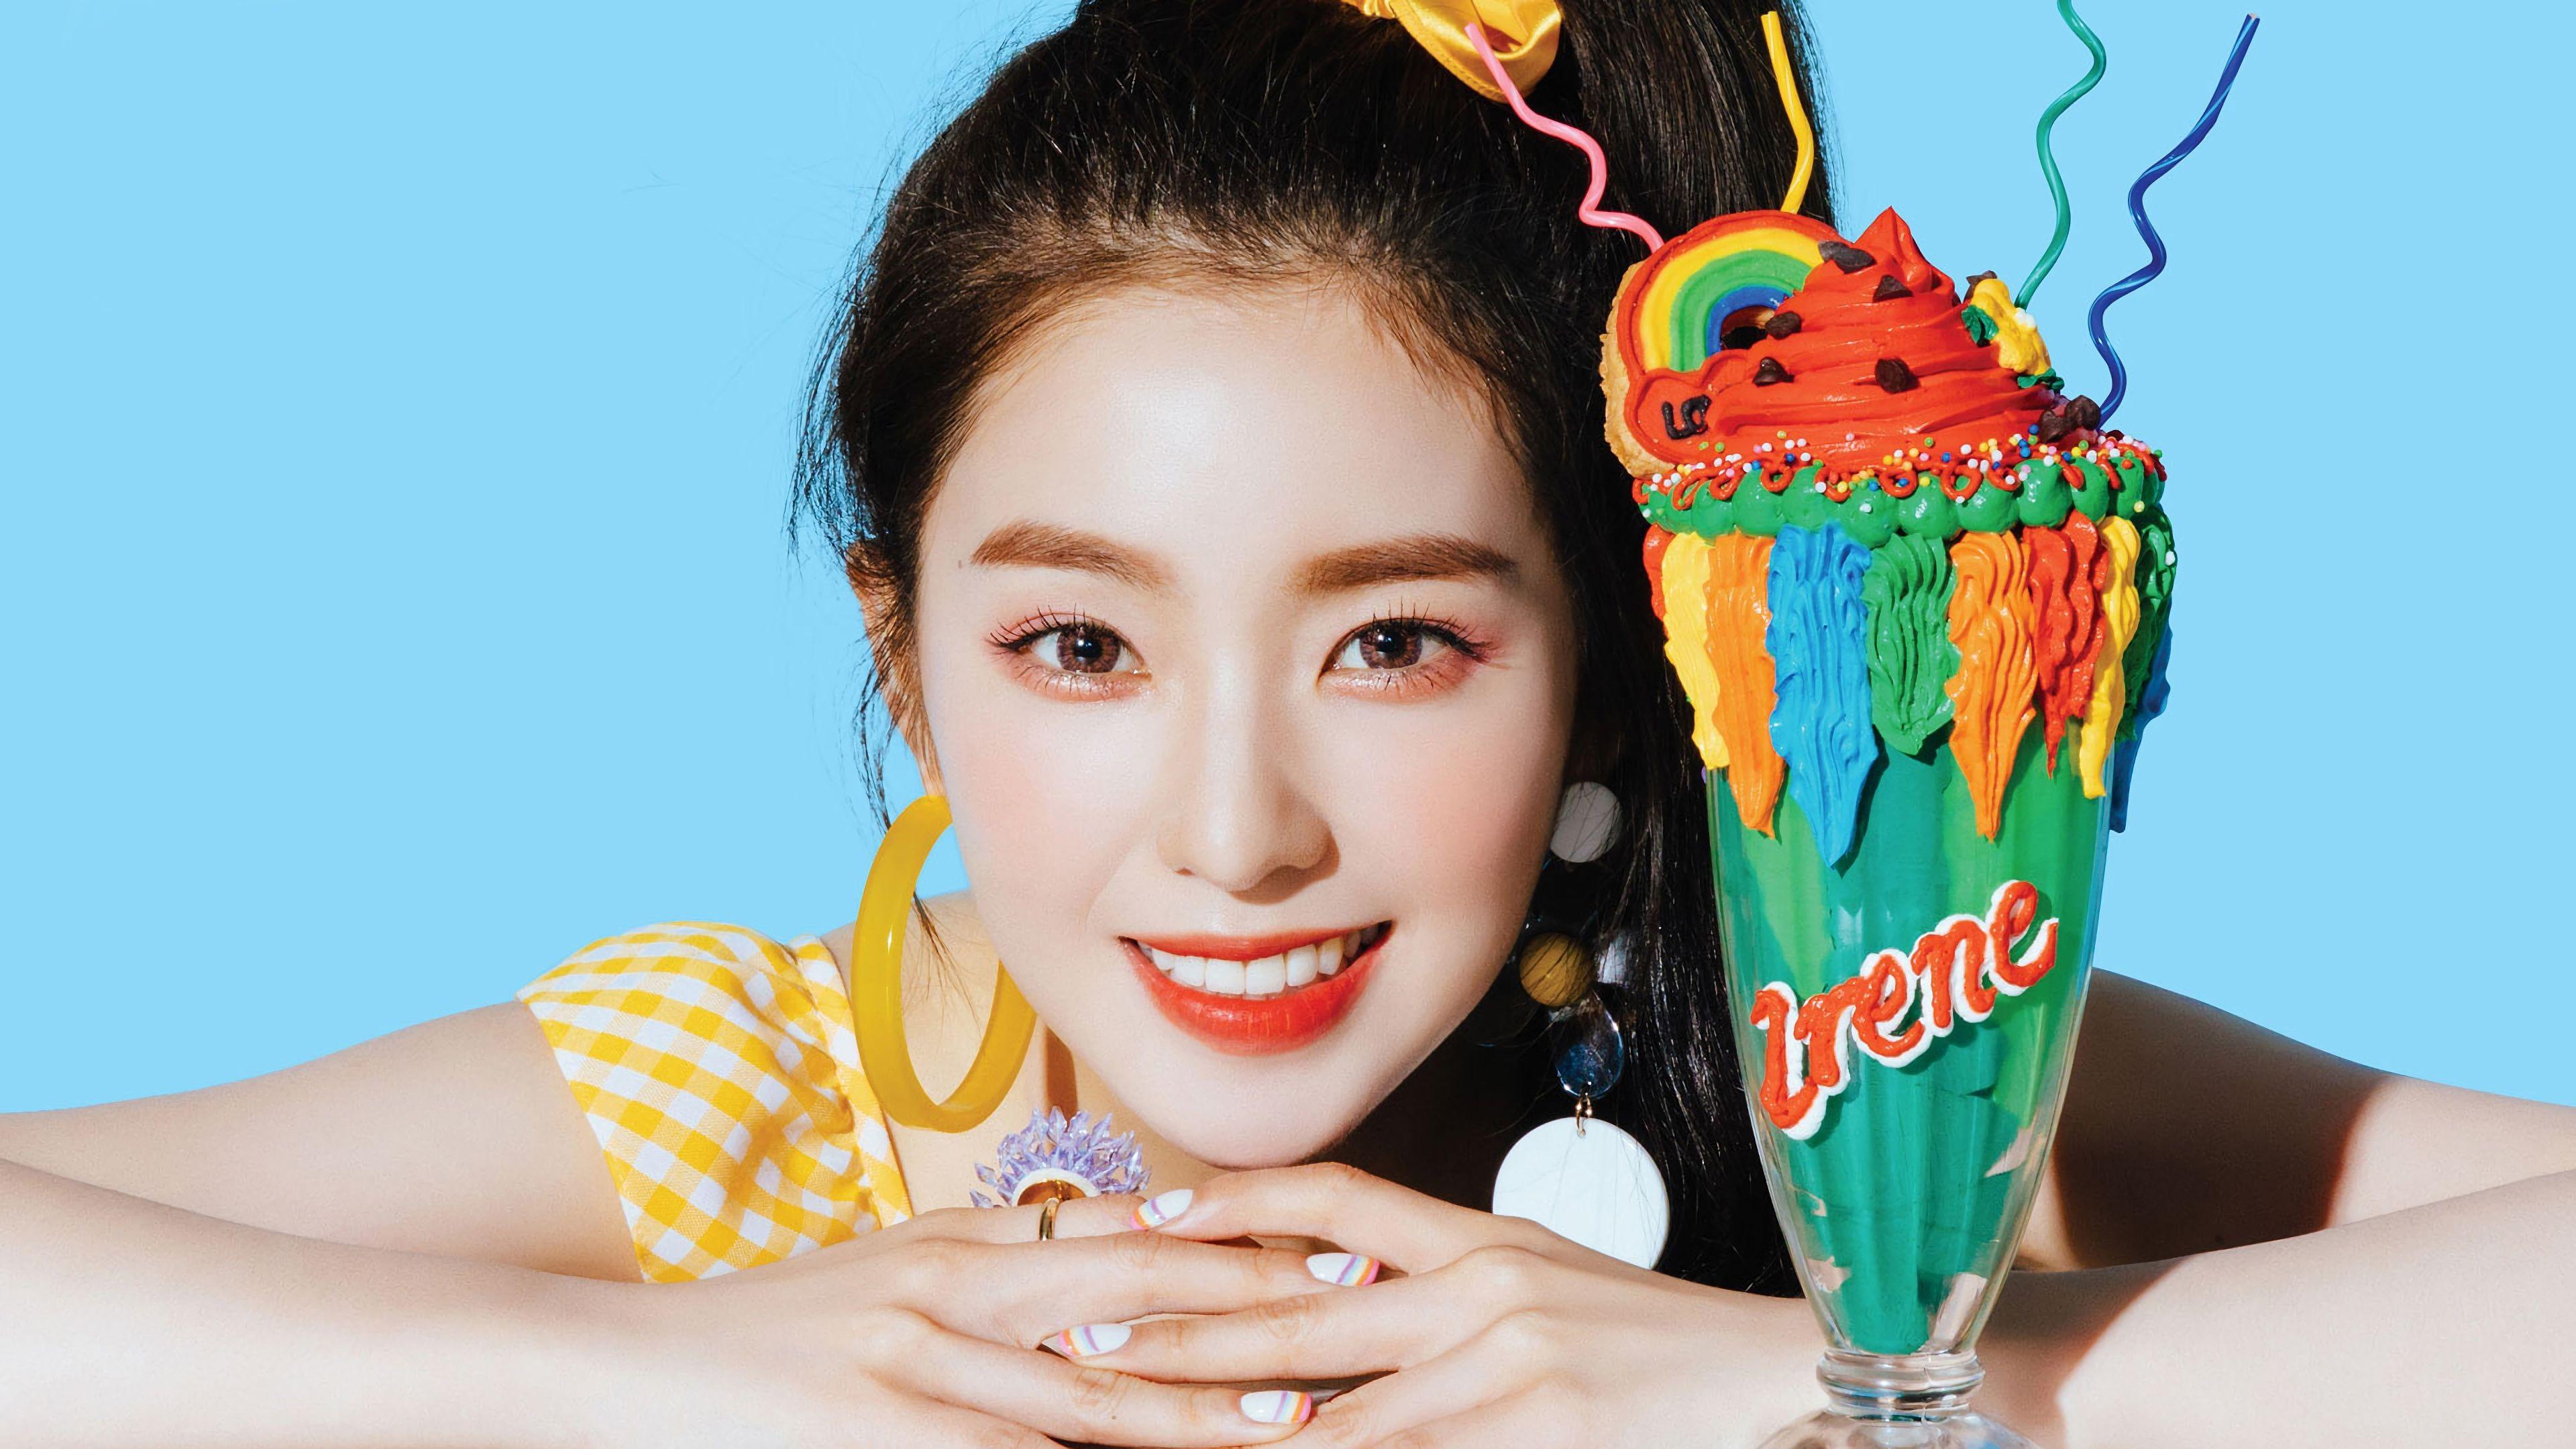 Irene Bae Joo Hyun Red Velvet K Pop Girl Group Power Up